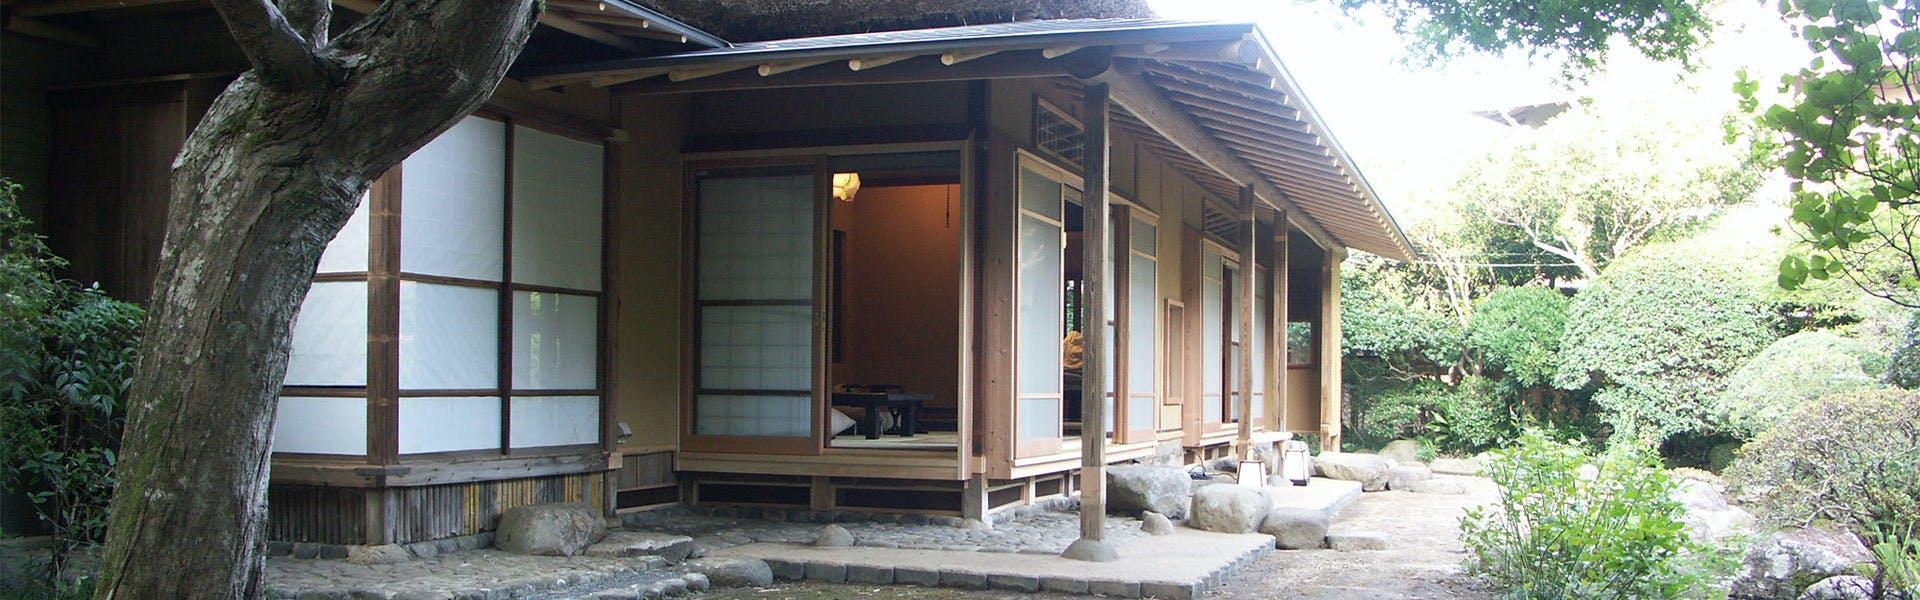 記念日におすすめのホテル・離れ家 石田屋の写真1